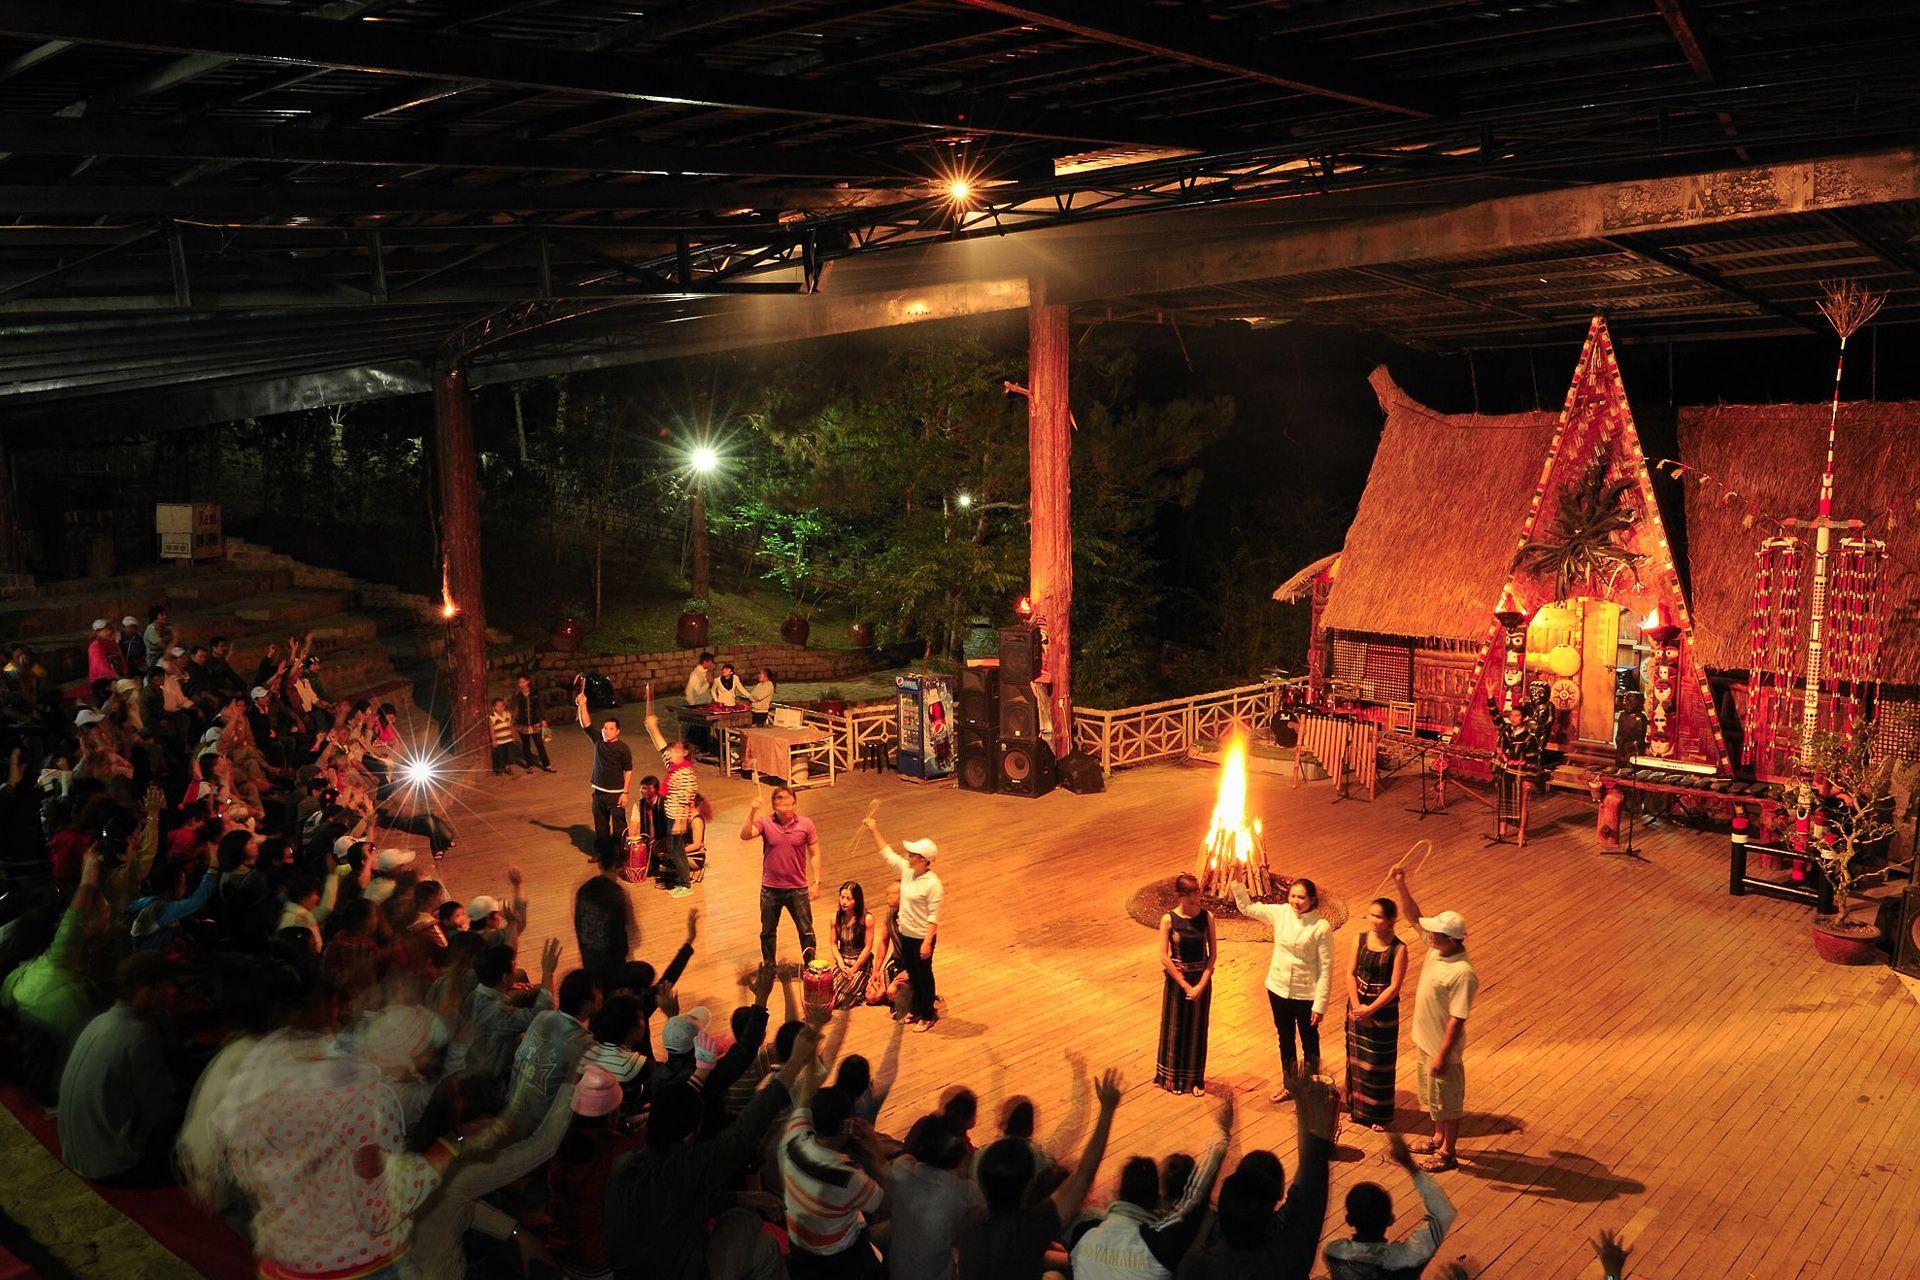 Sân khấu Cồng chiêng Tây Nguyên